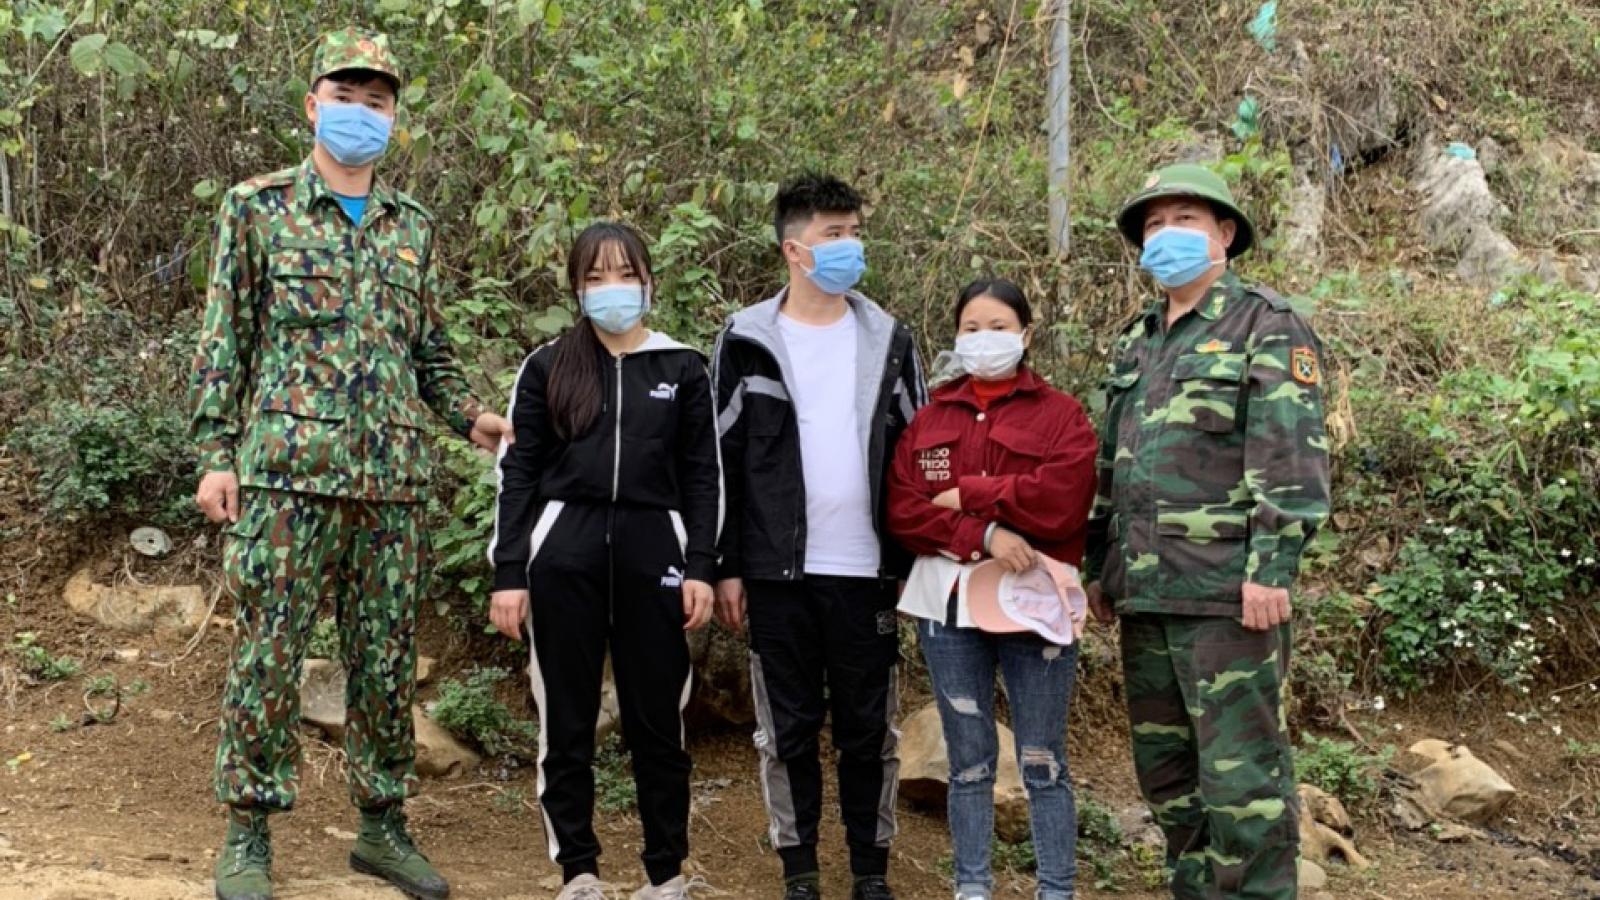 Bắt giữ 3 người Trung Quốc vượt biên vào Việt Nam